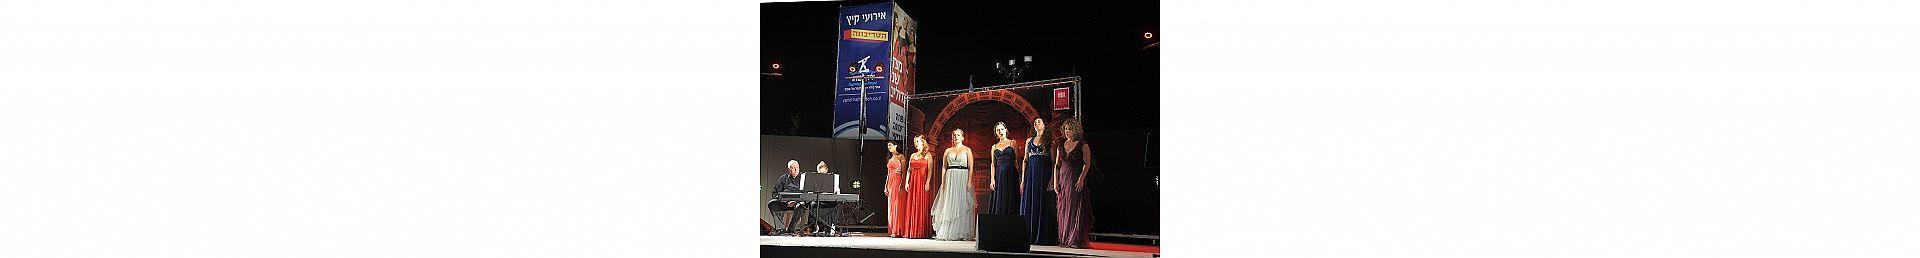 יריד המזרח בנמל תל אביב